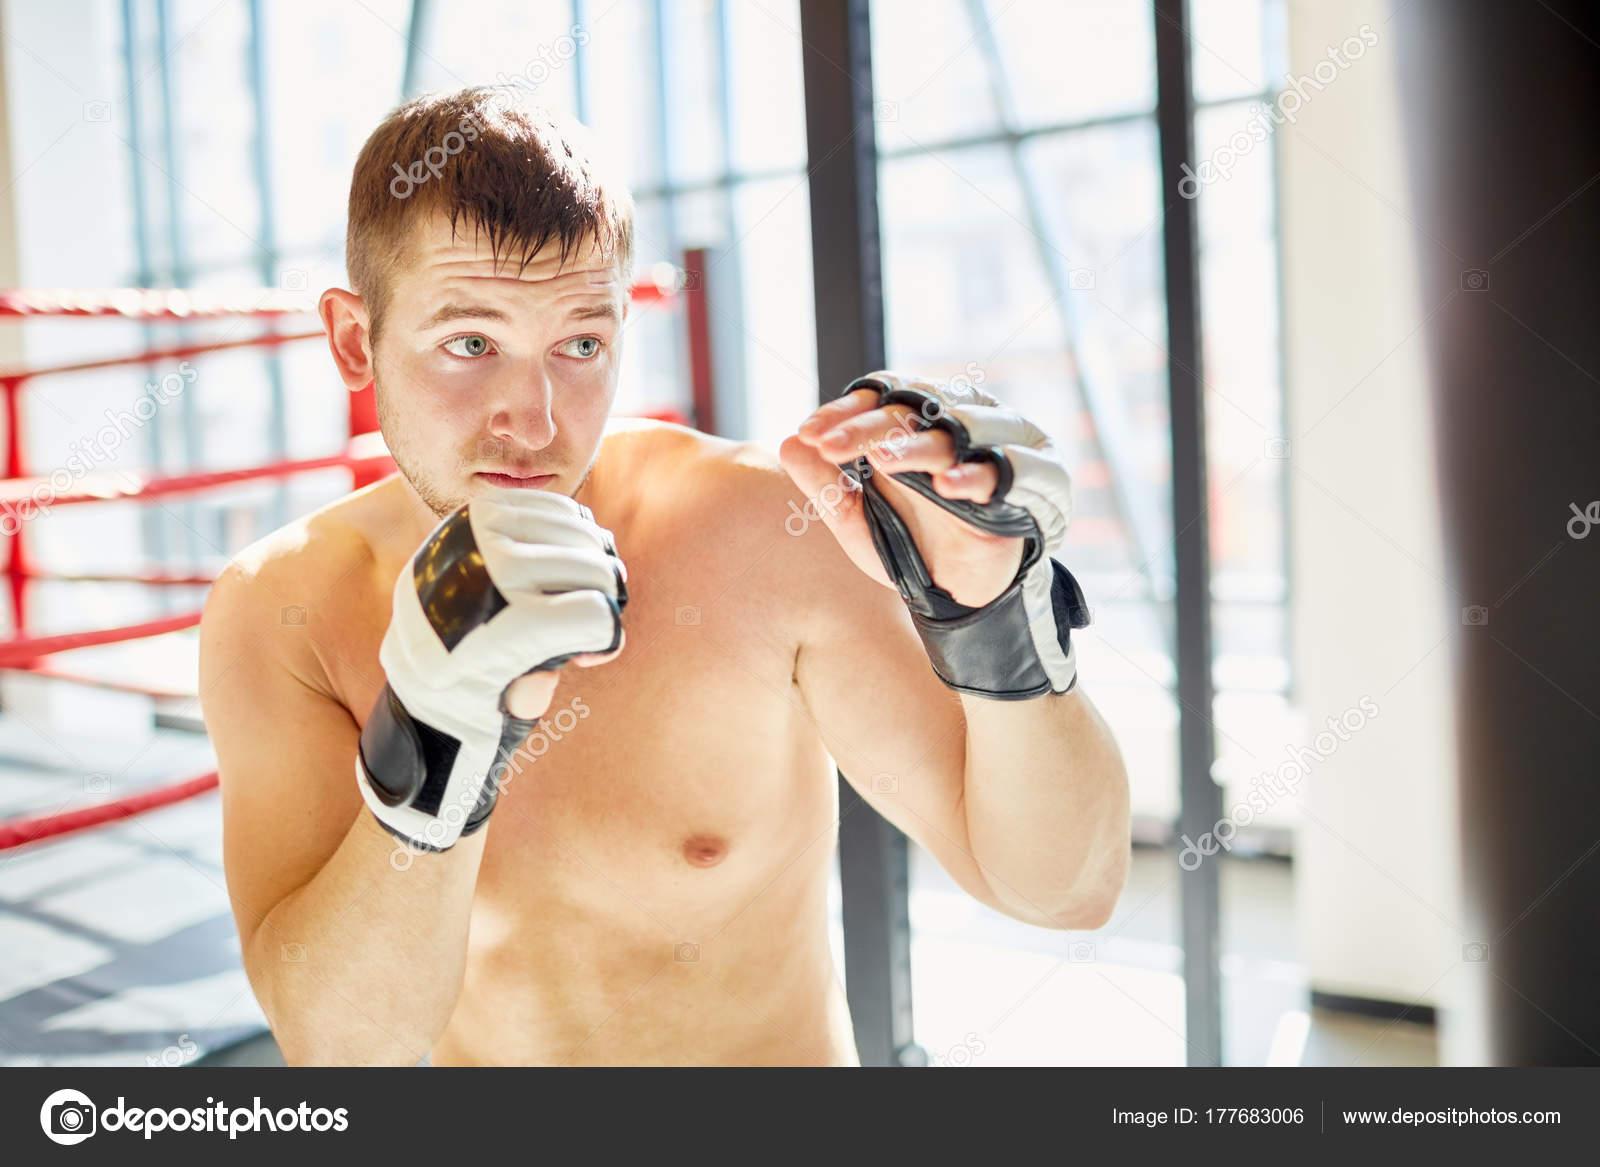 Homme Pratique Boxe Portrait Sac Cours Sueur Torse Frapper kTPZiOXu